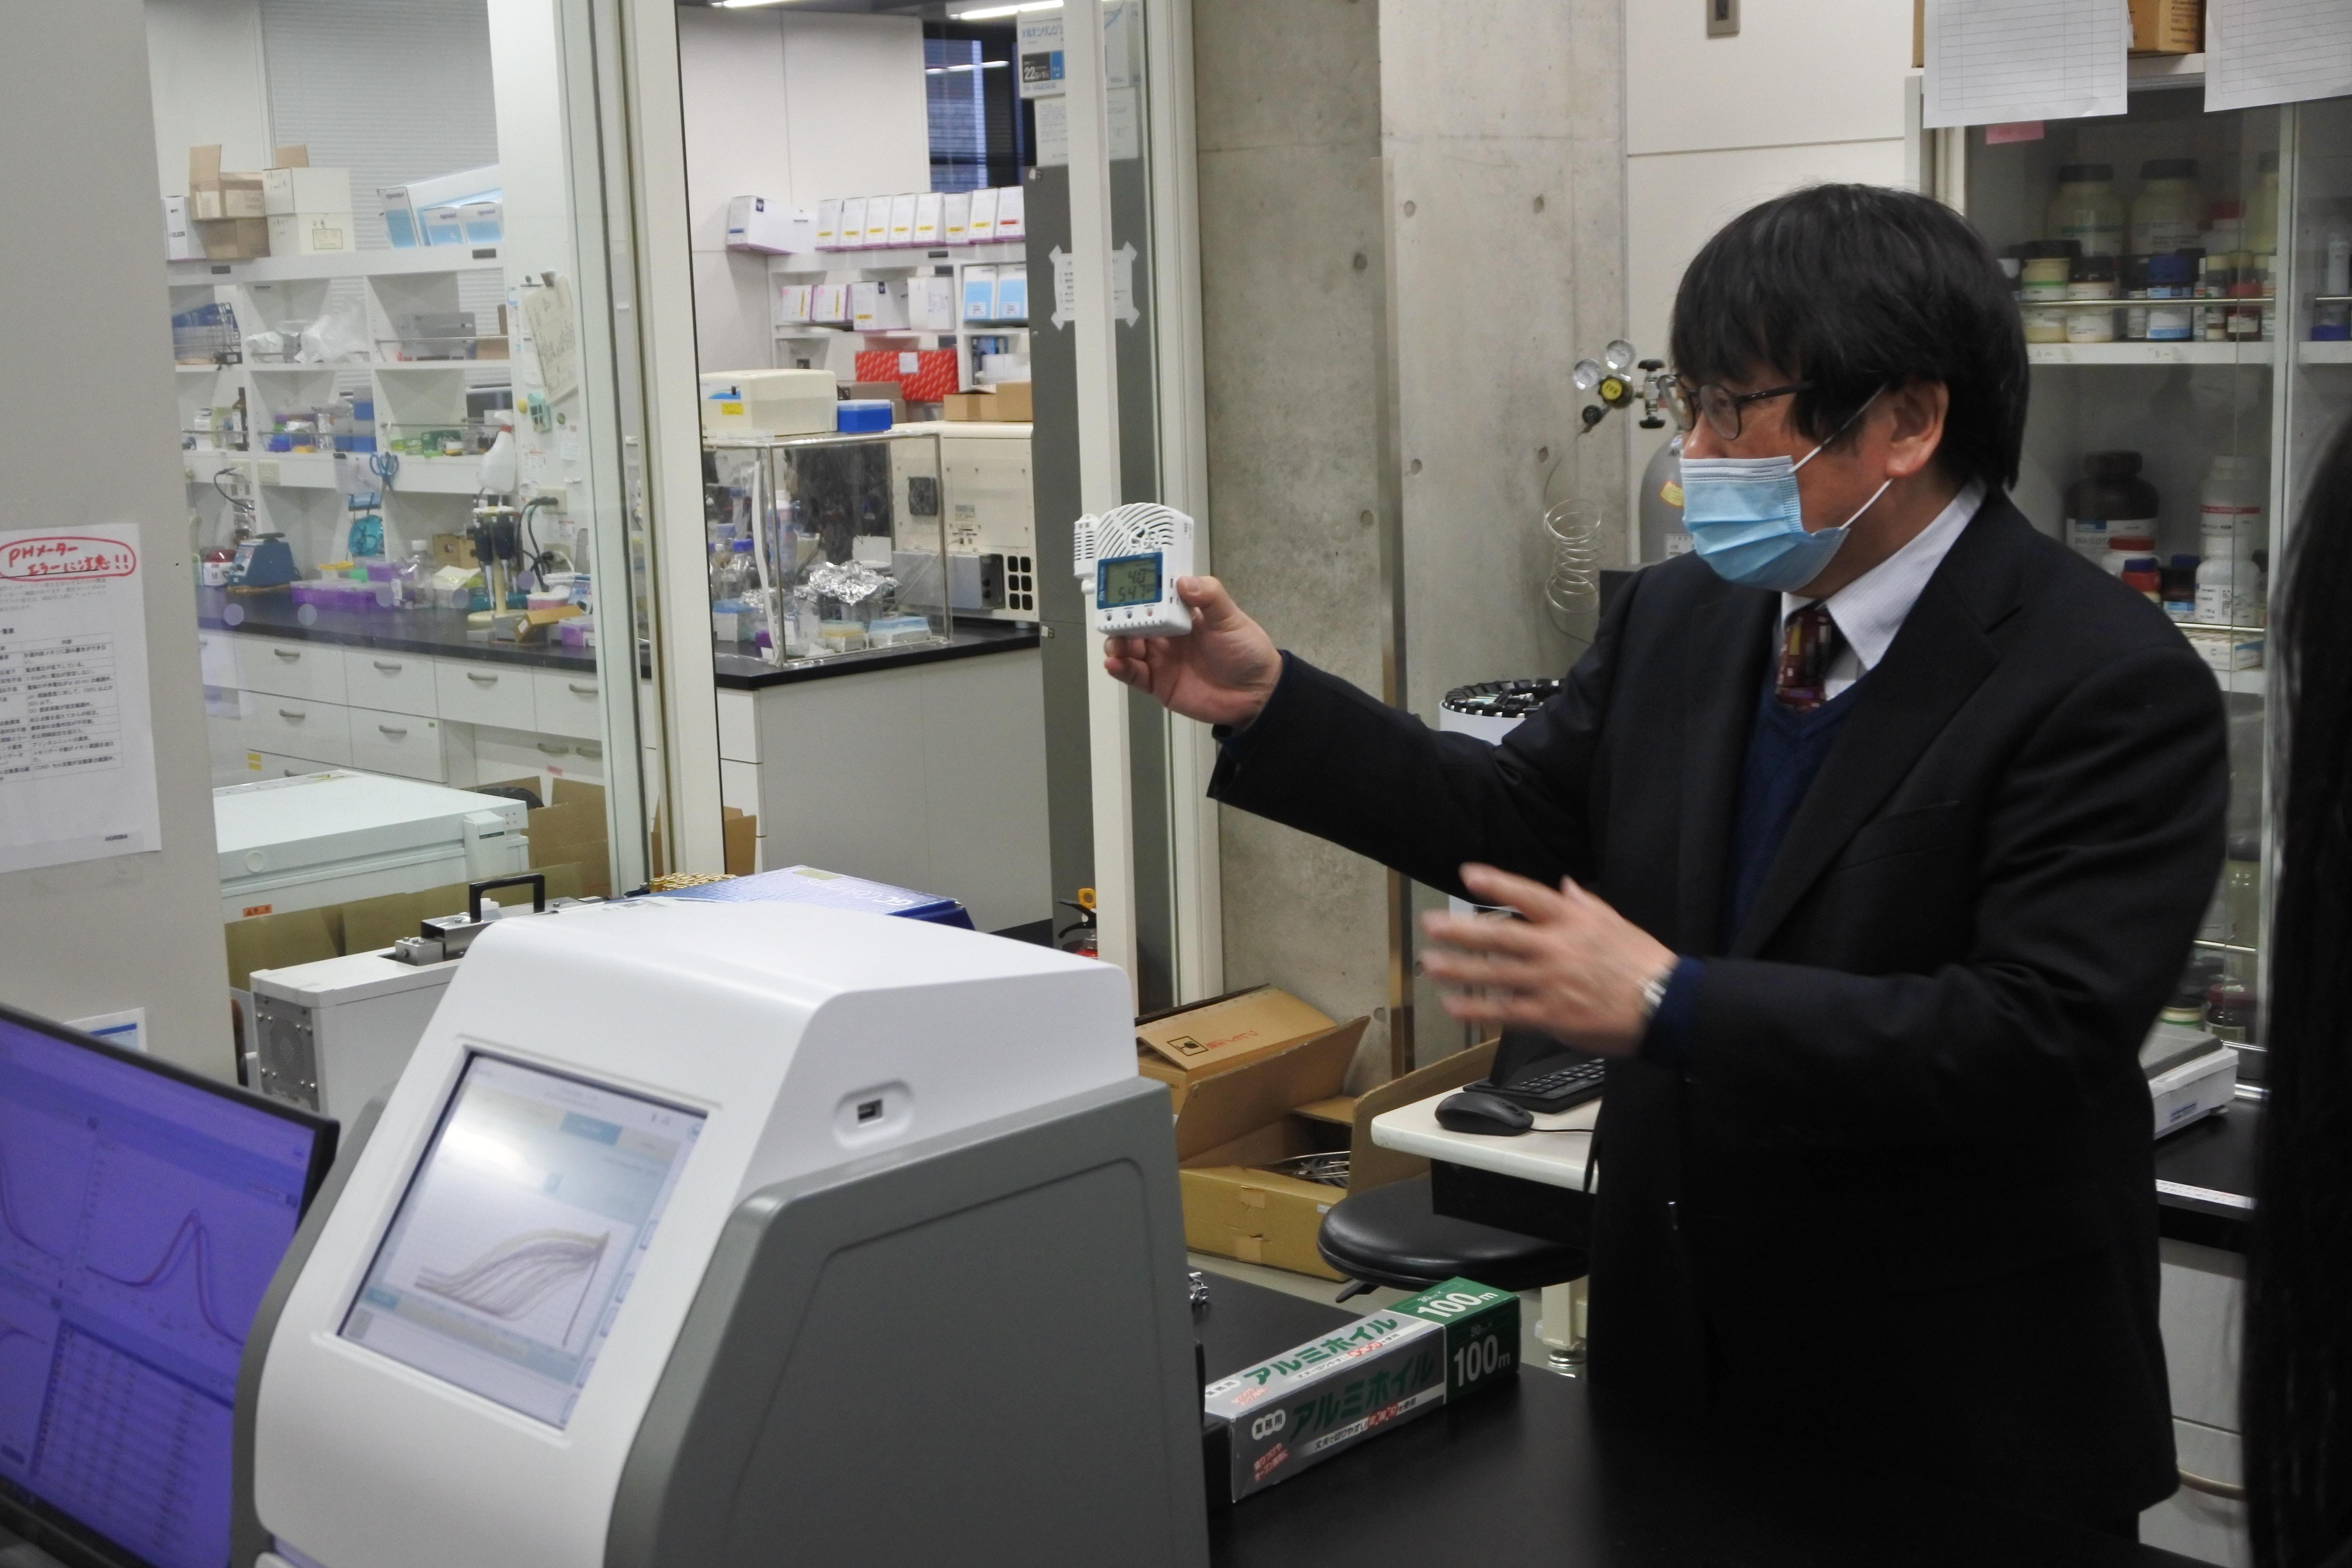 新型コロナウイルス感染防止対策の機器を紹介する神野透人教授